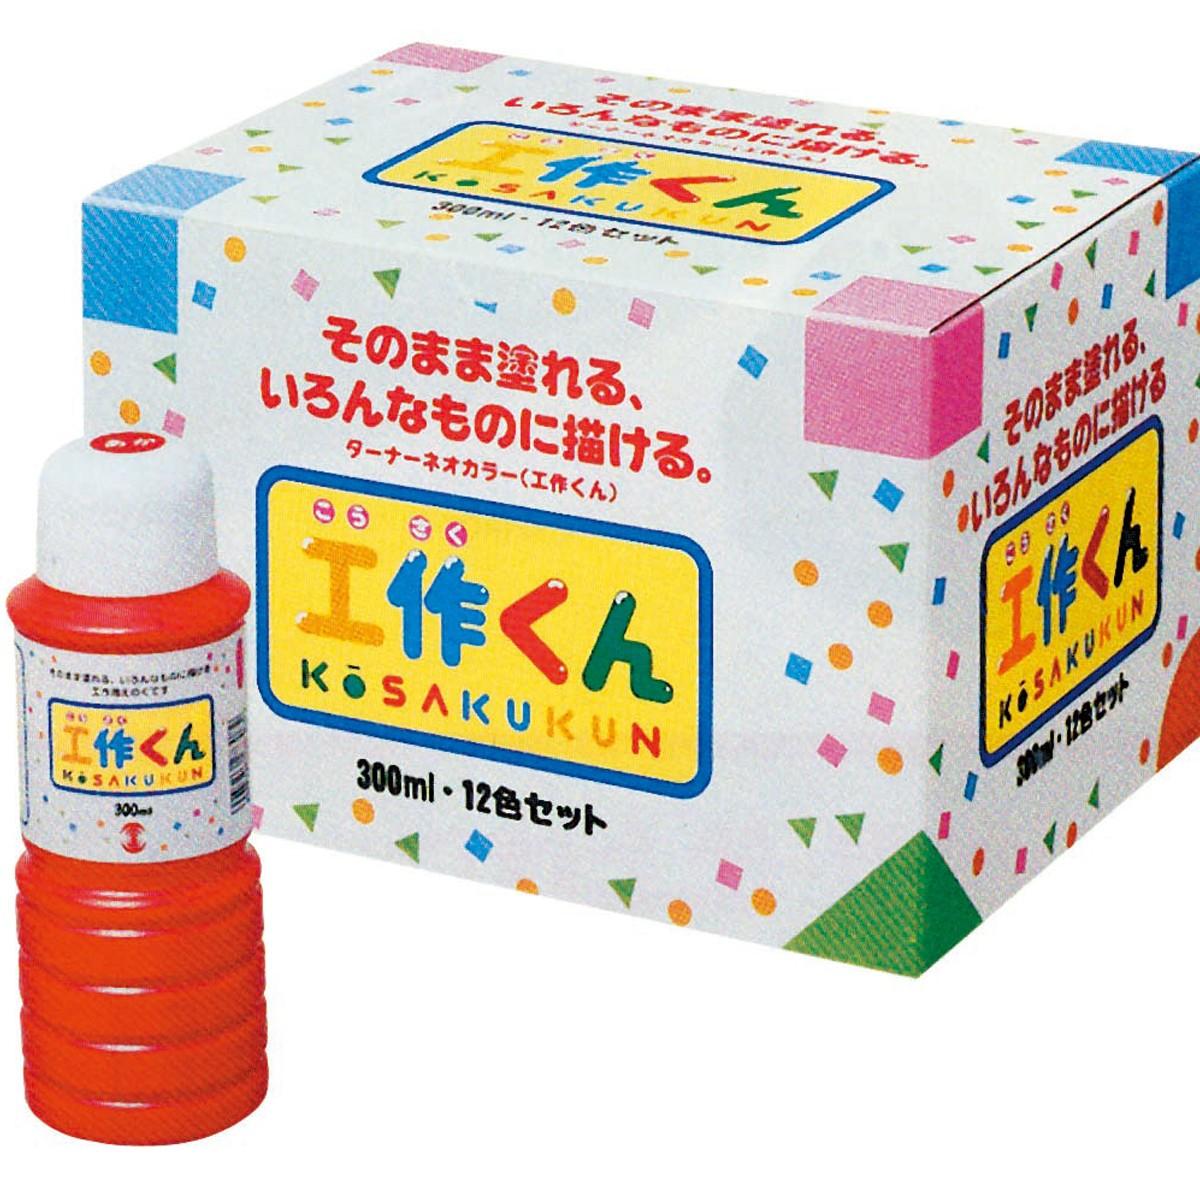 水性 工作くん 300mL 12色セット ポリ容器入り 【 工作 木工 塗料 アクリル 水性 】